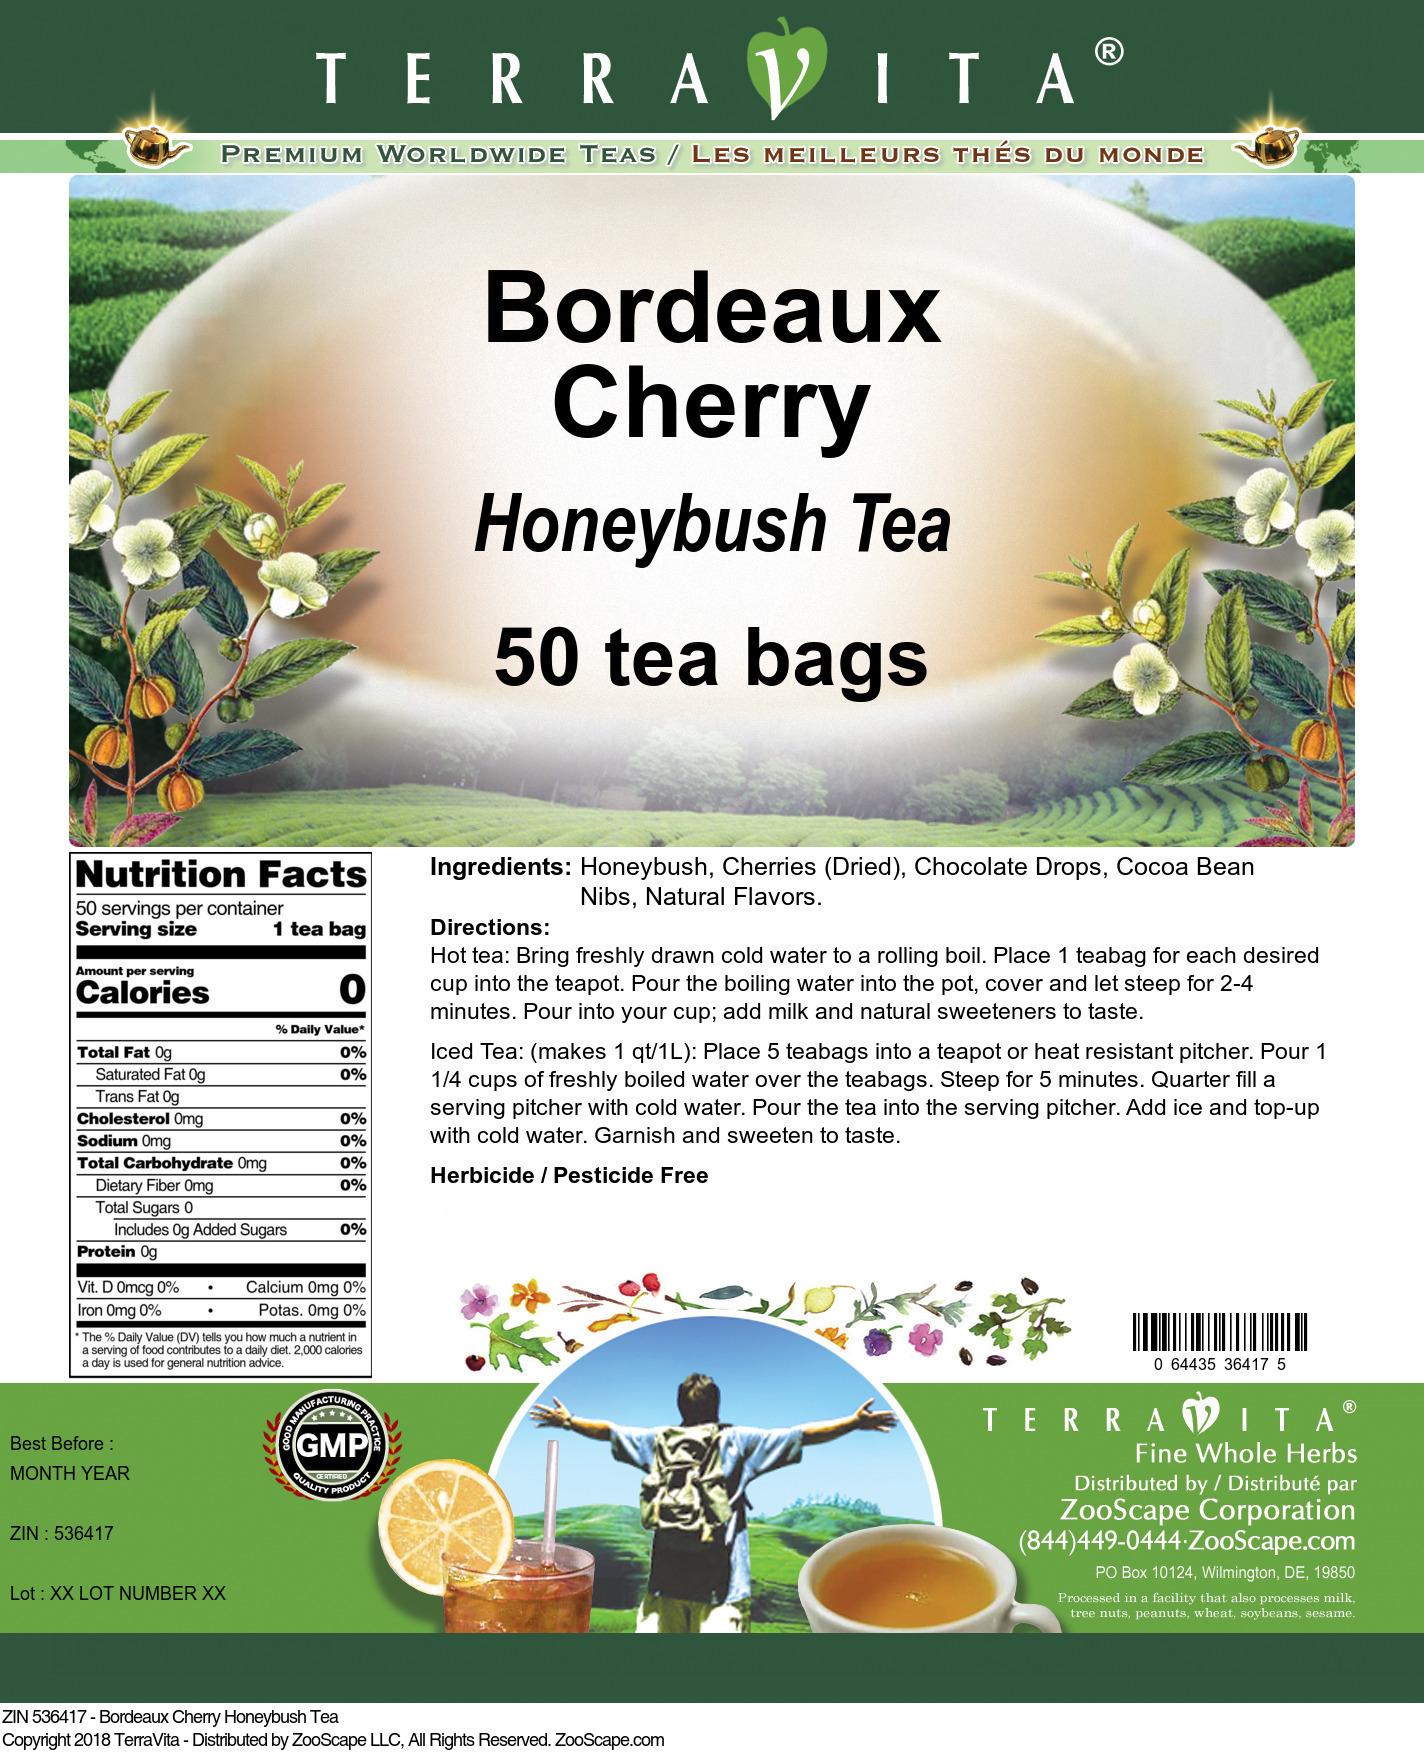 Bordeaux Cherry Honeybush Tea